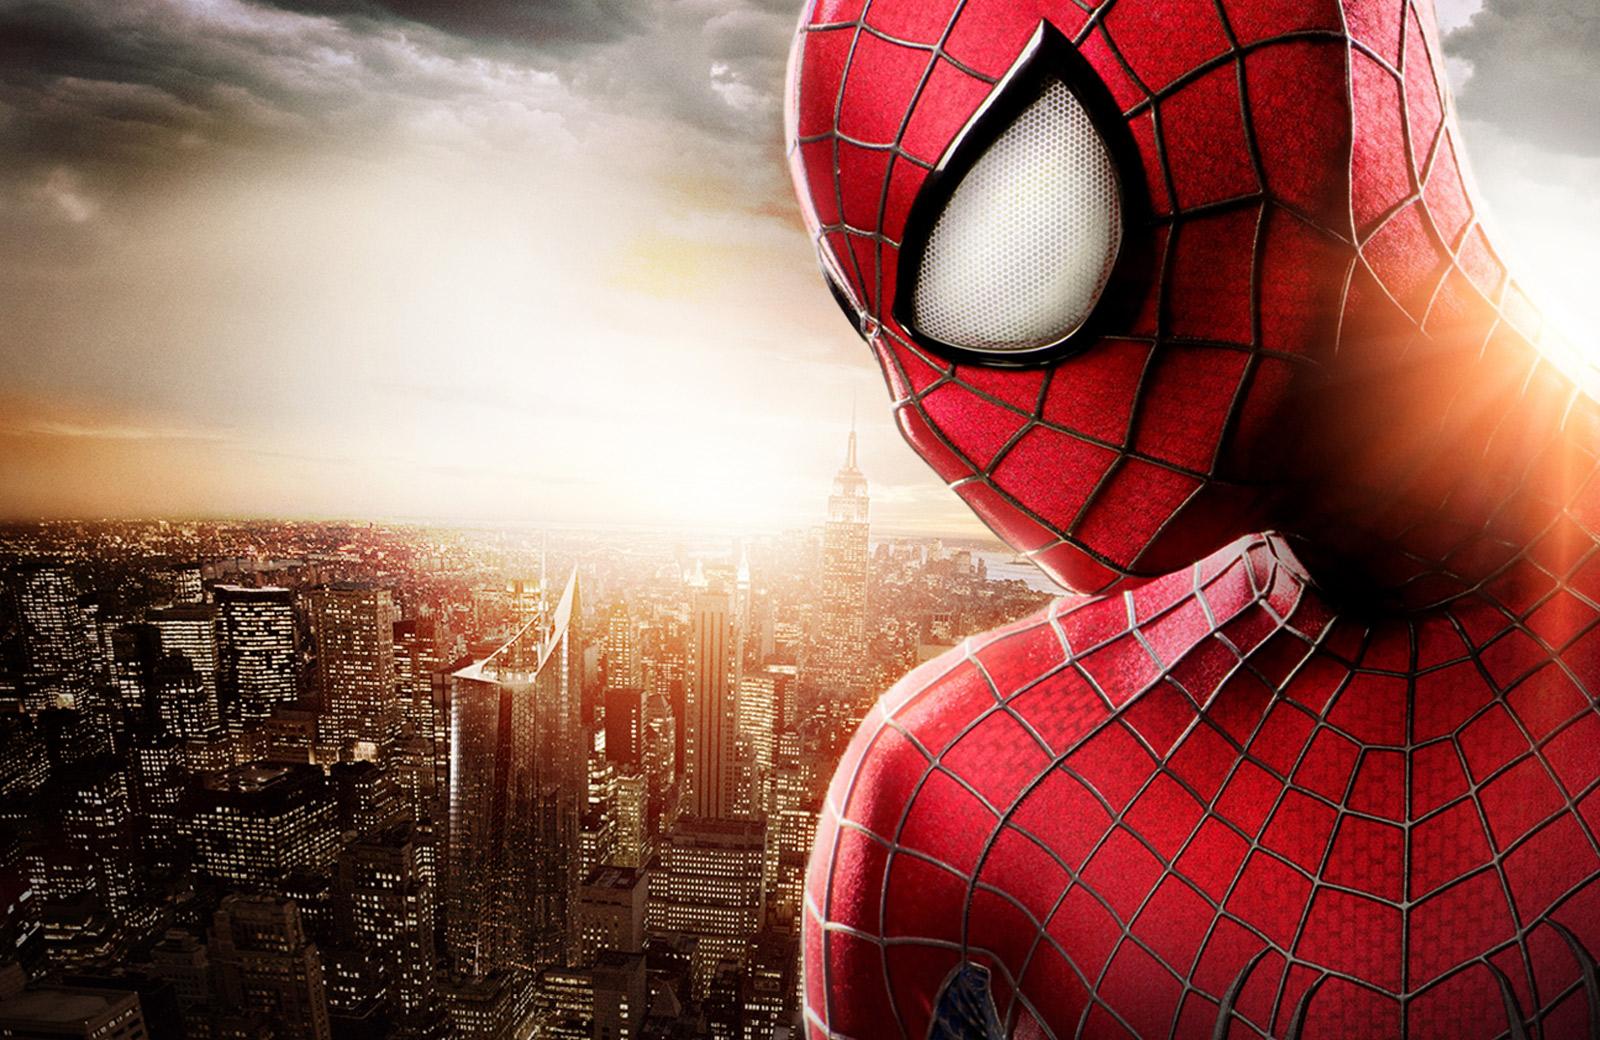 Человек-паук 2 онлайн смотреть фильм бесплатно